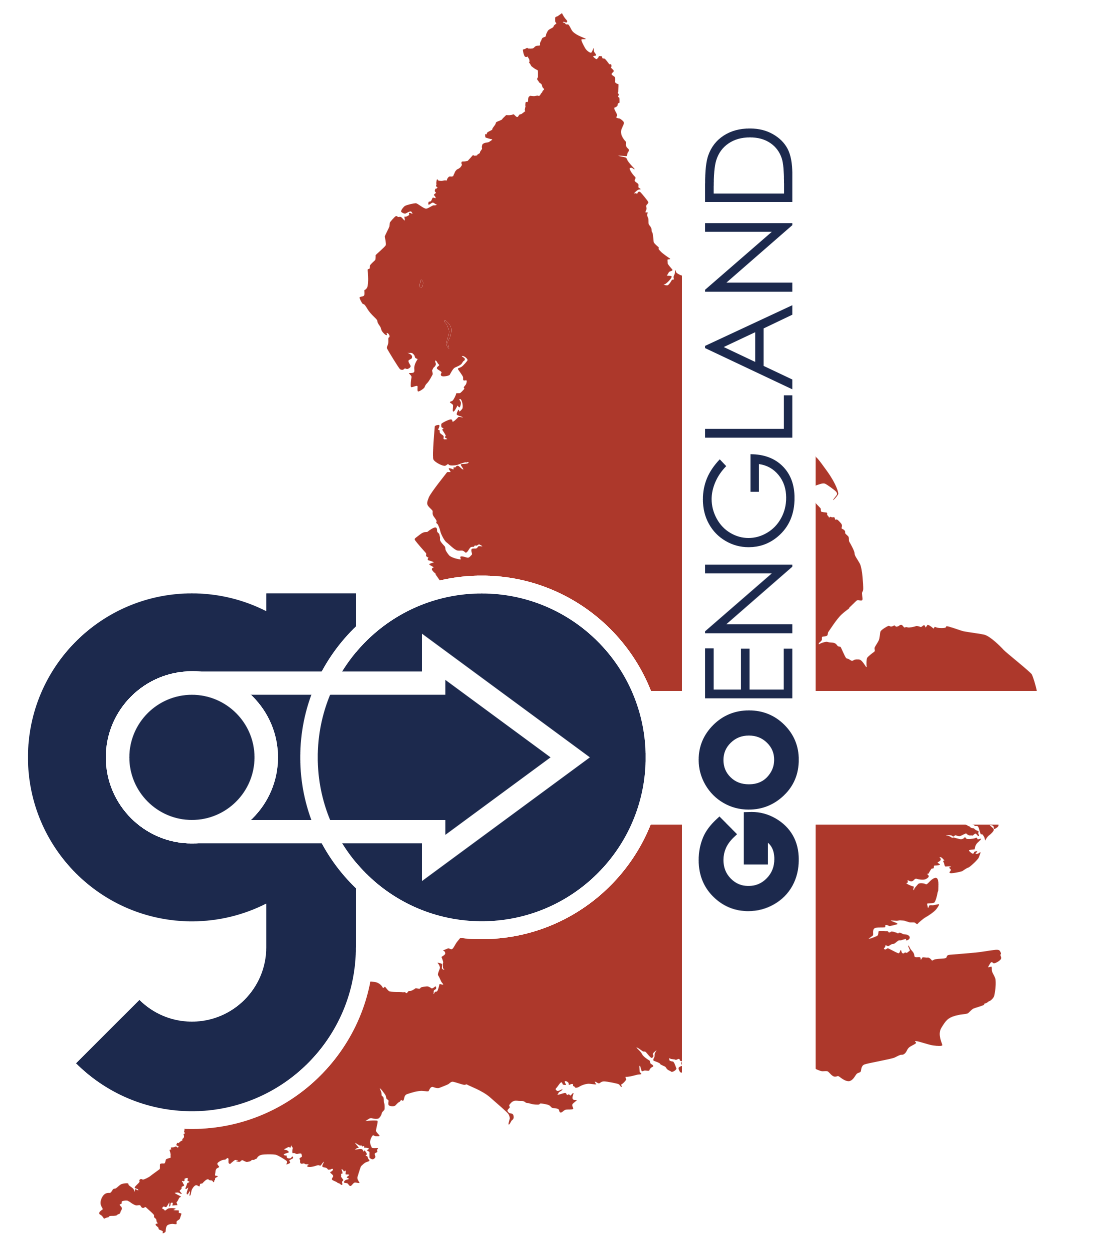 Go England